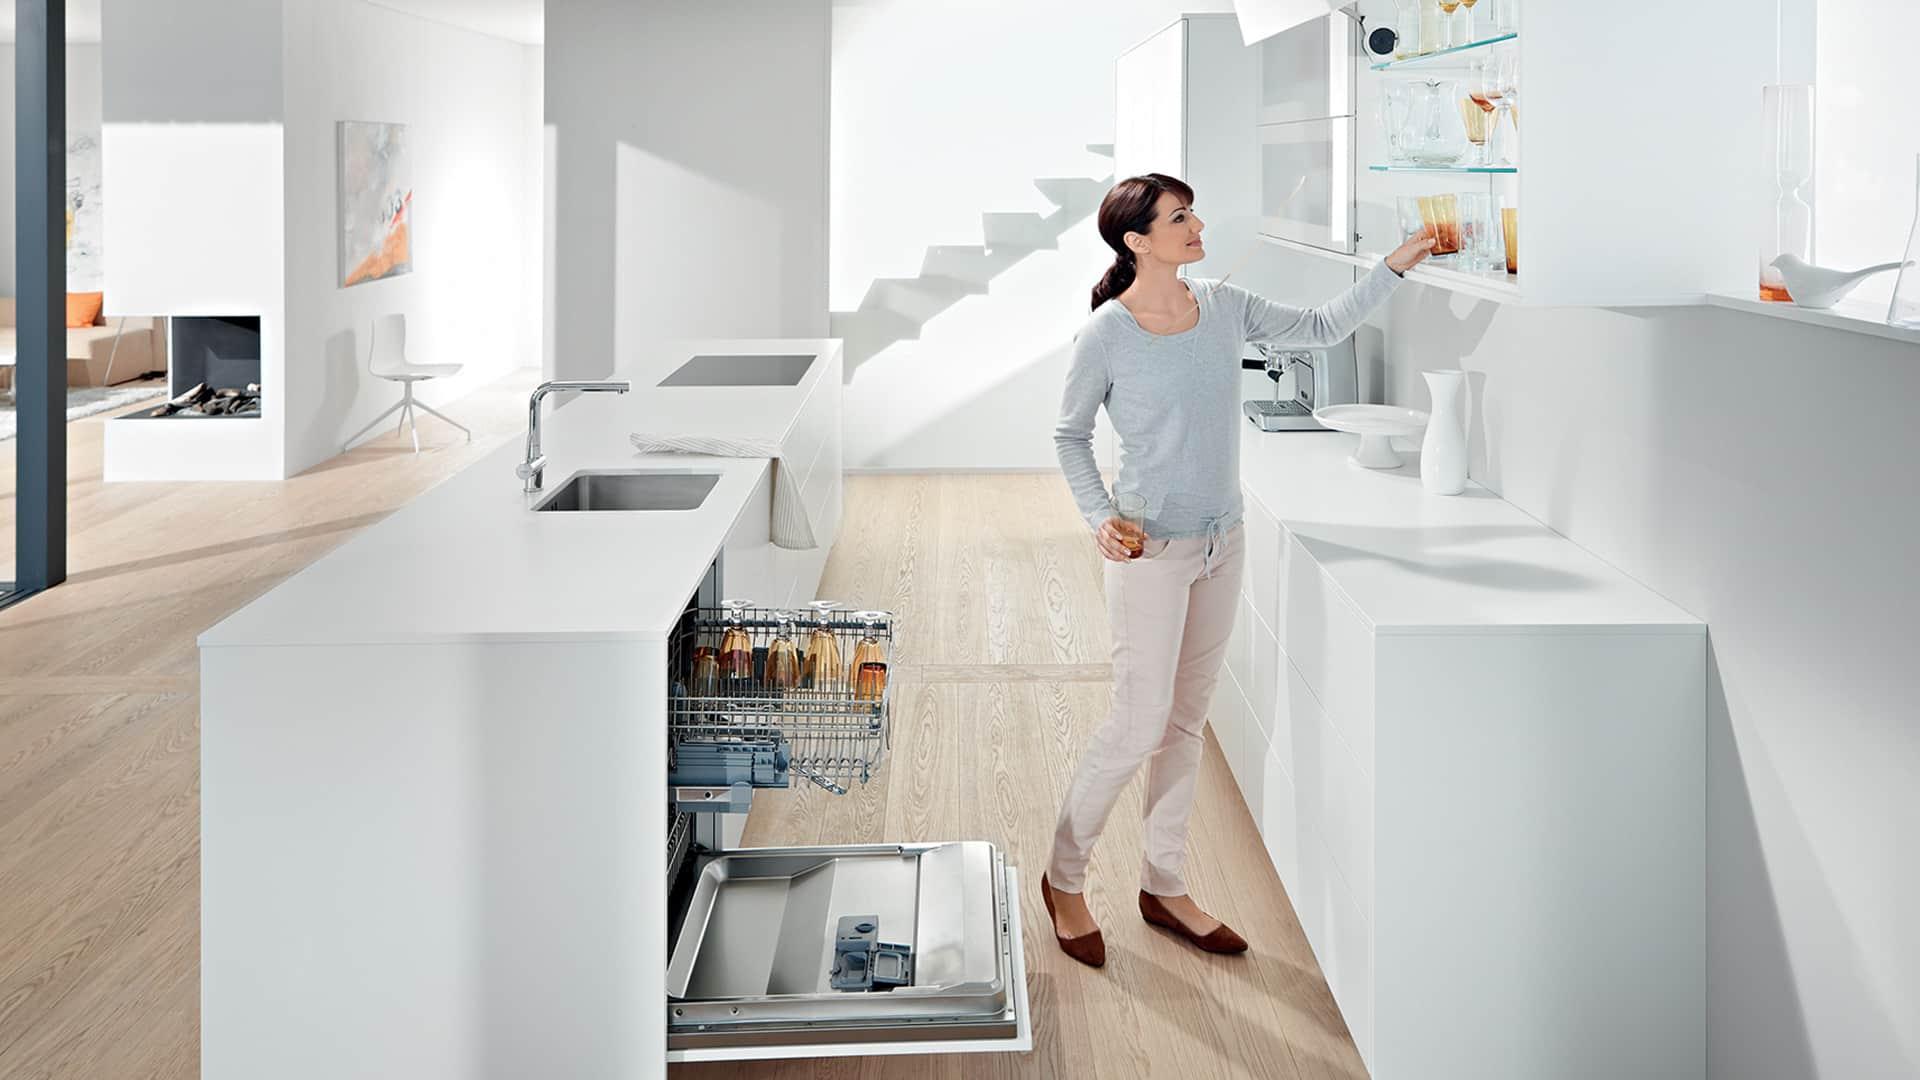 Stauräume in der Küche